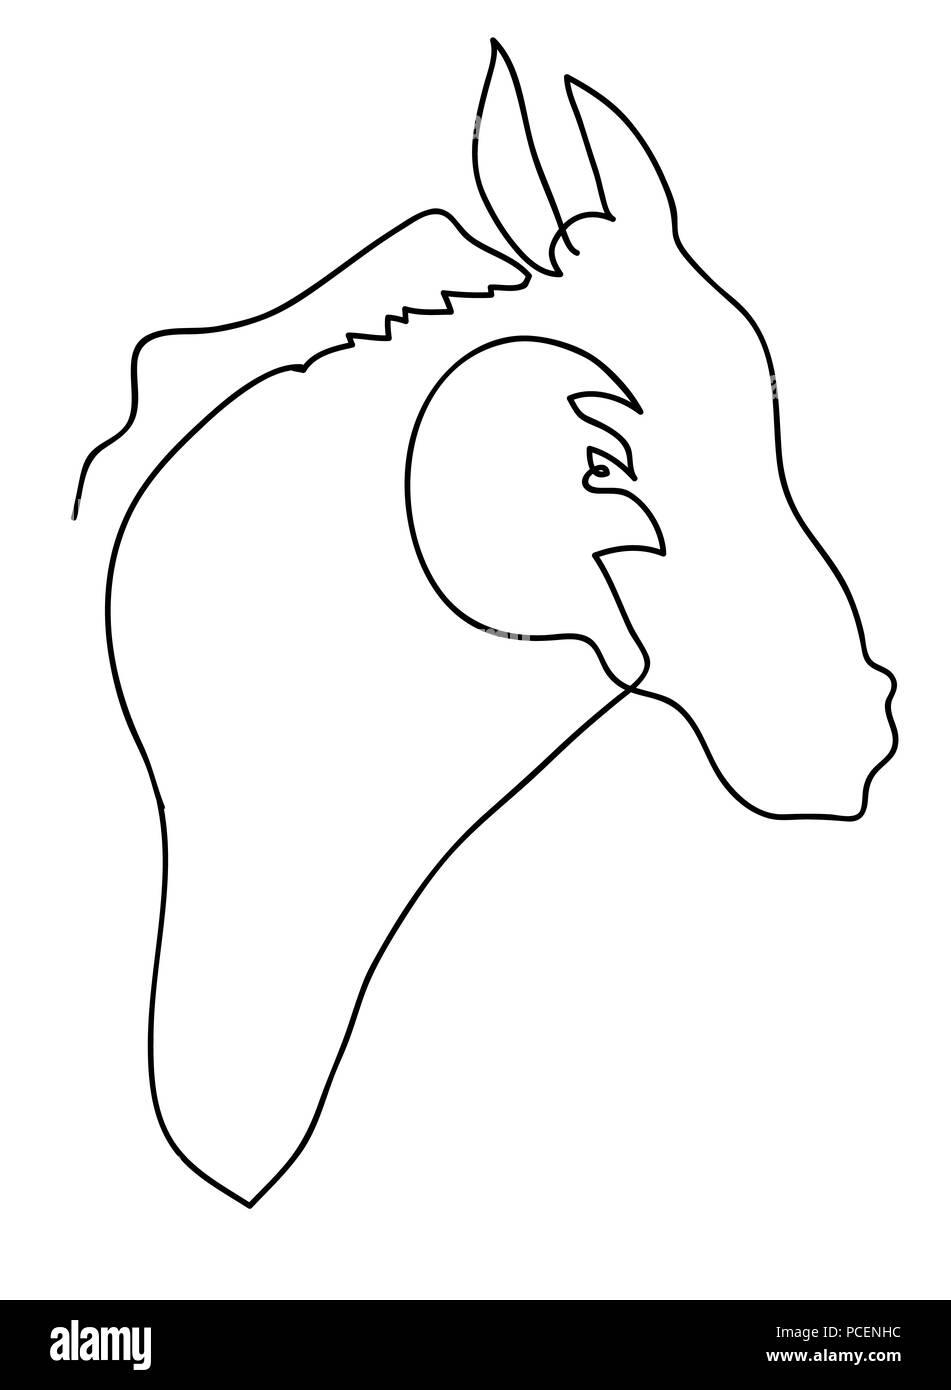 Tête De Cheval Noir Et Blanc Dessin De Ligne Simple De L